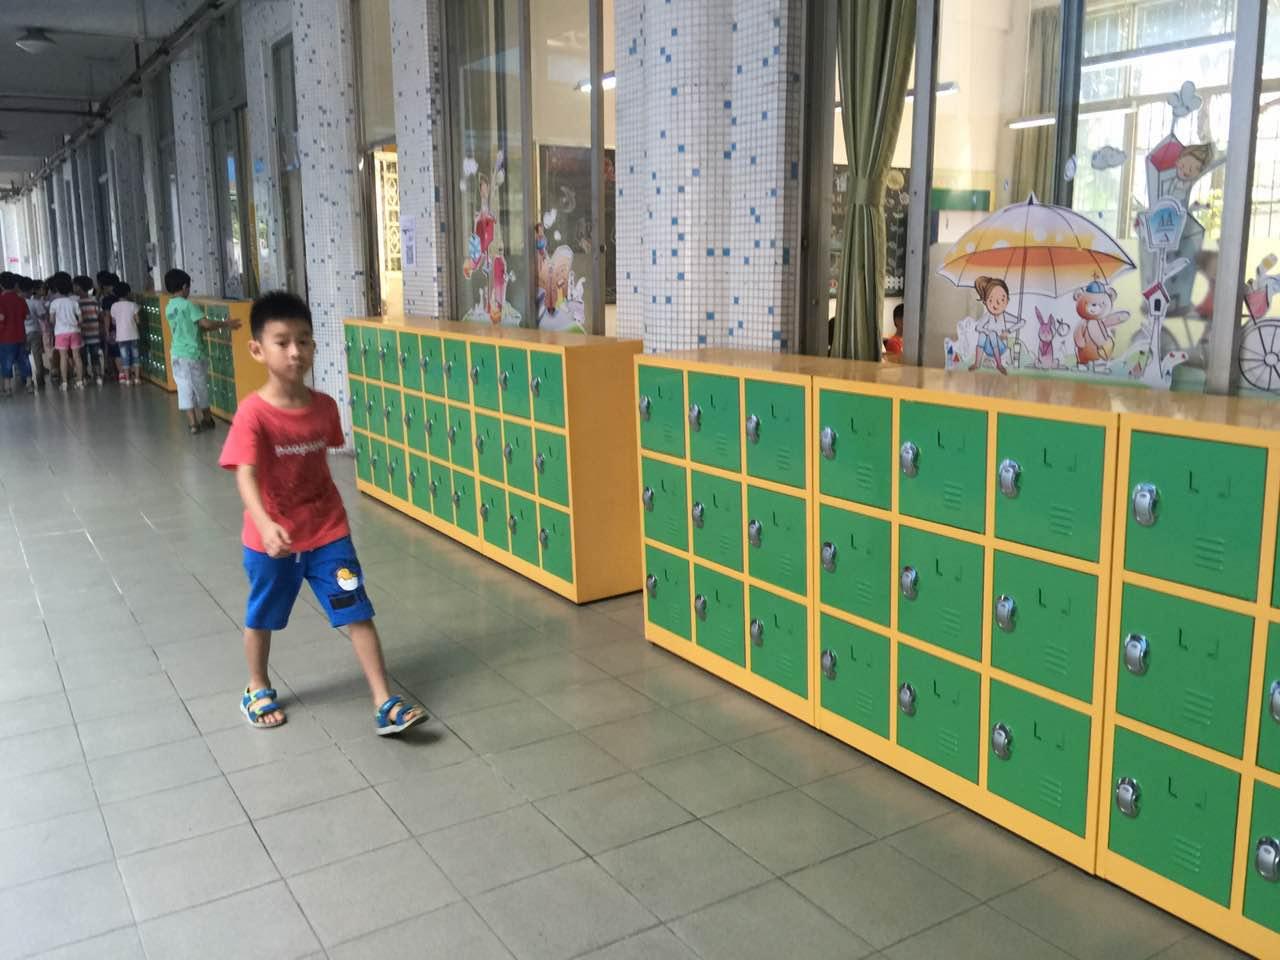 【广东】智能柜锁上哪采购 广州德兴小学找到采虹科技